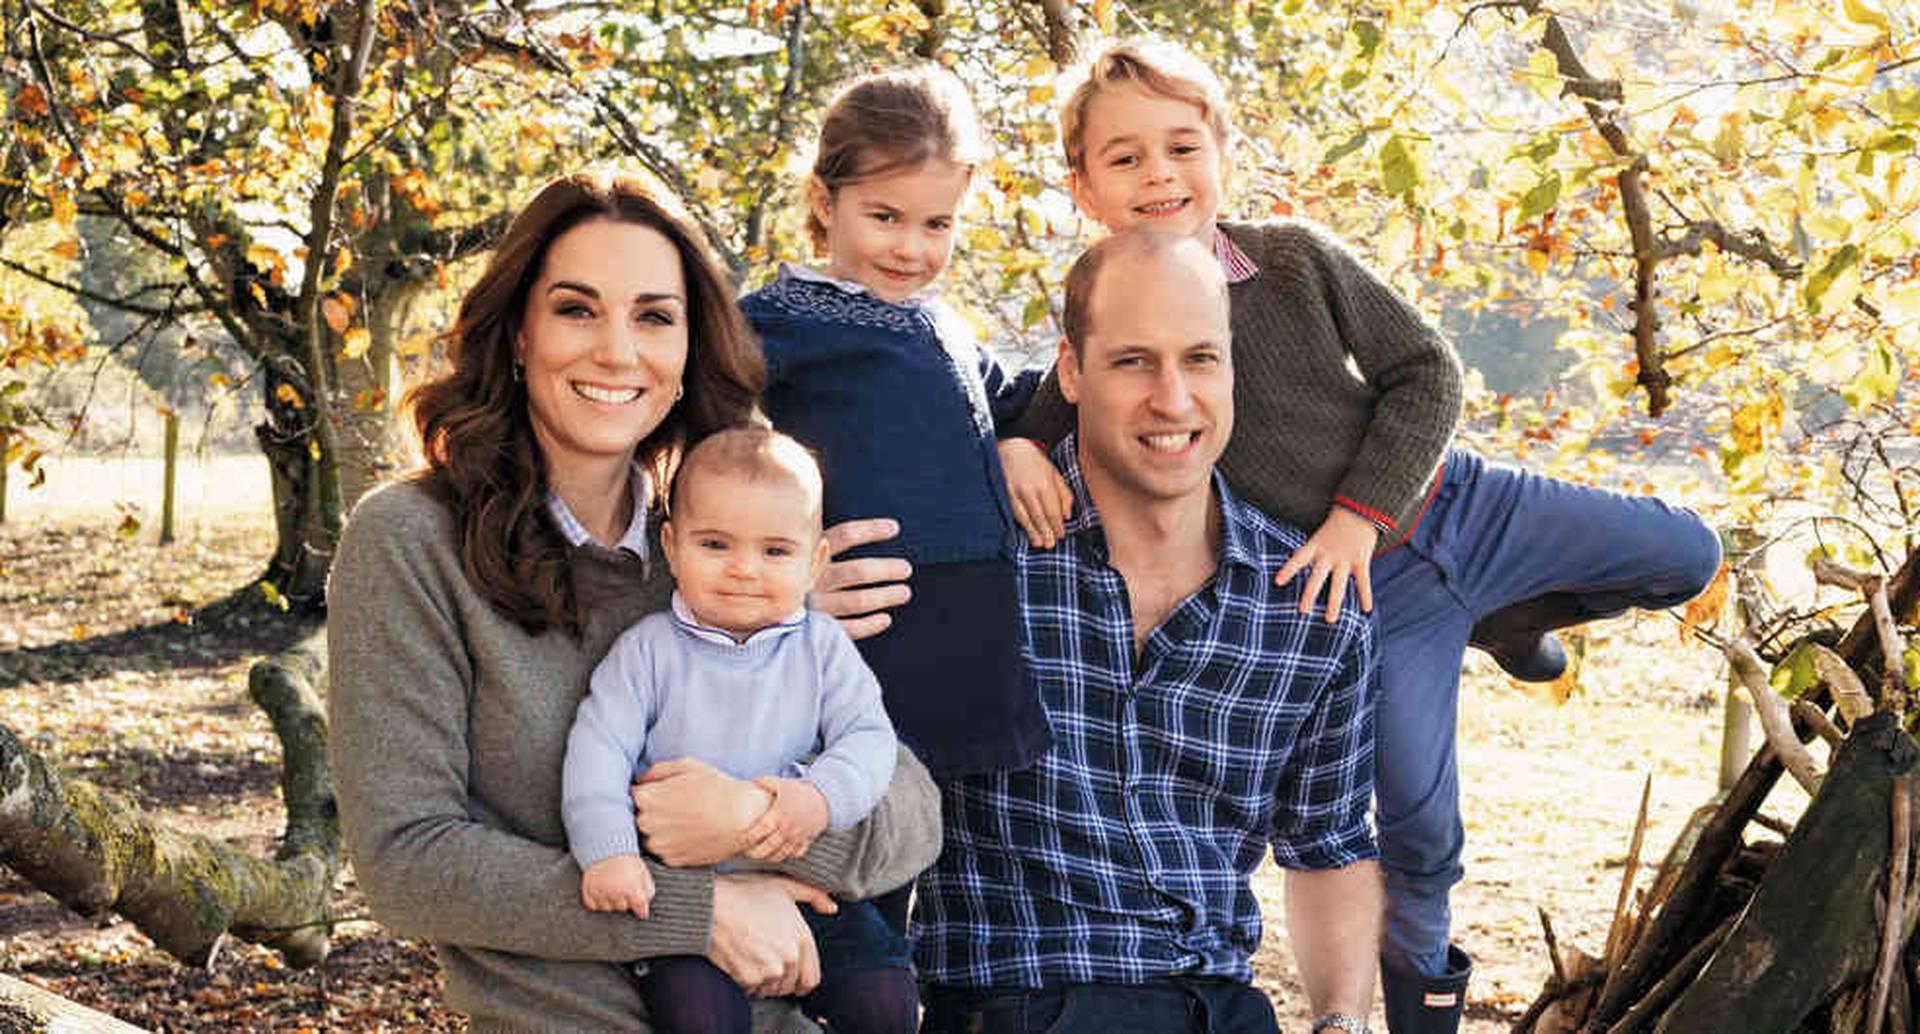 Los Cambridge fueron vistos en pleno por última vez en diciembre pasado, a través de esta foto que adornó su tarjeta de Navidad. A la derecha, el príncipe George, primogénito y futuro rey de Inglaterra.